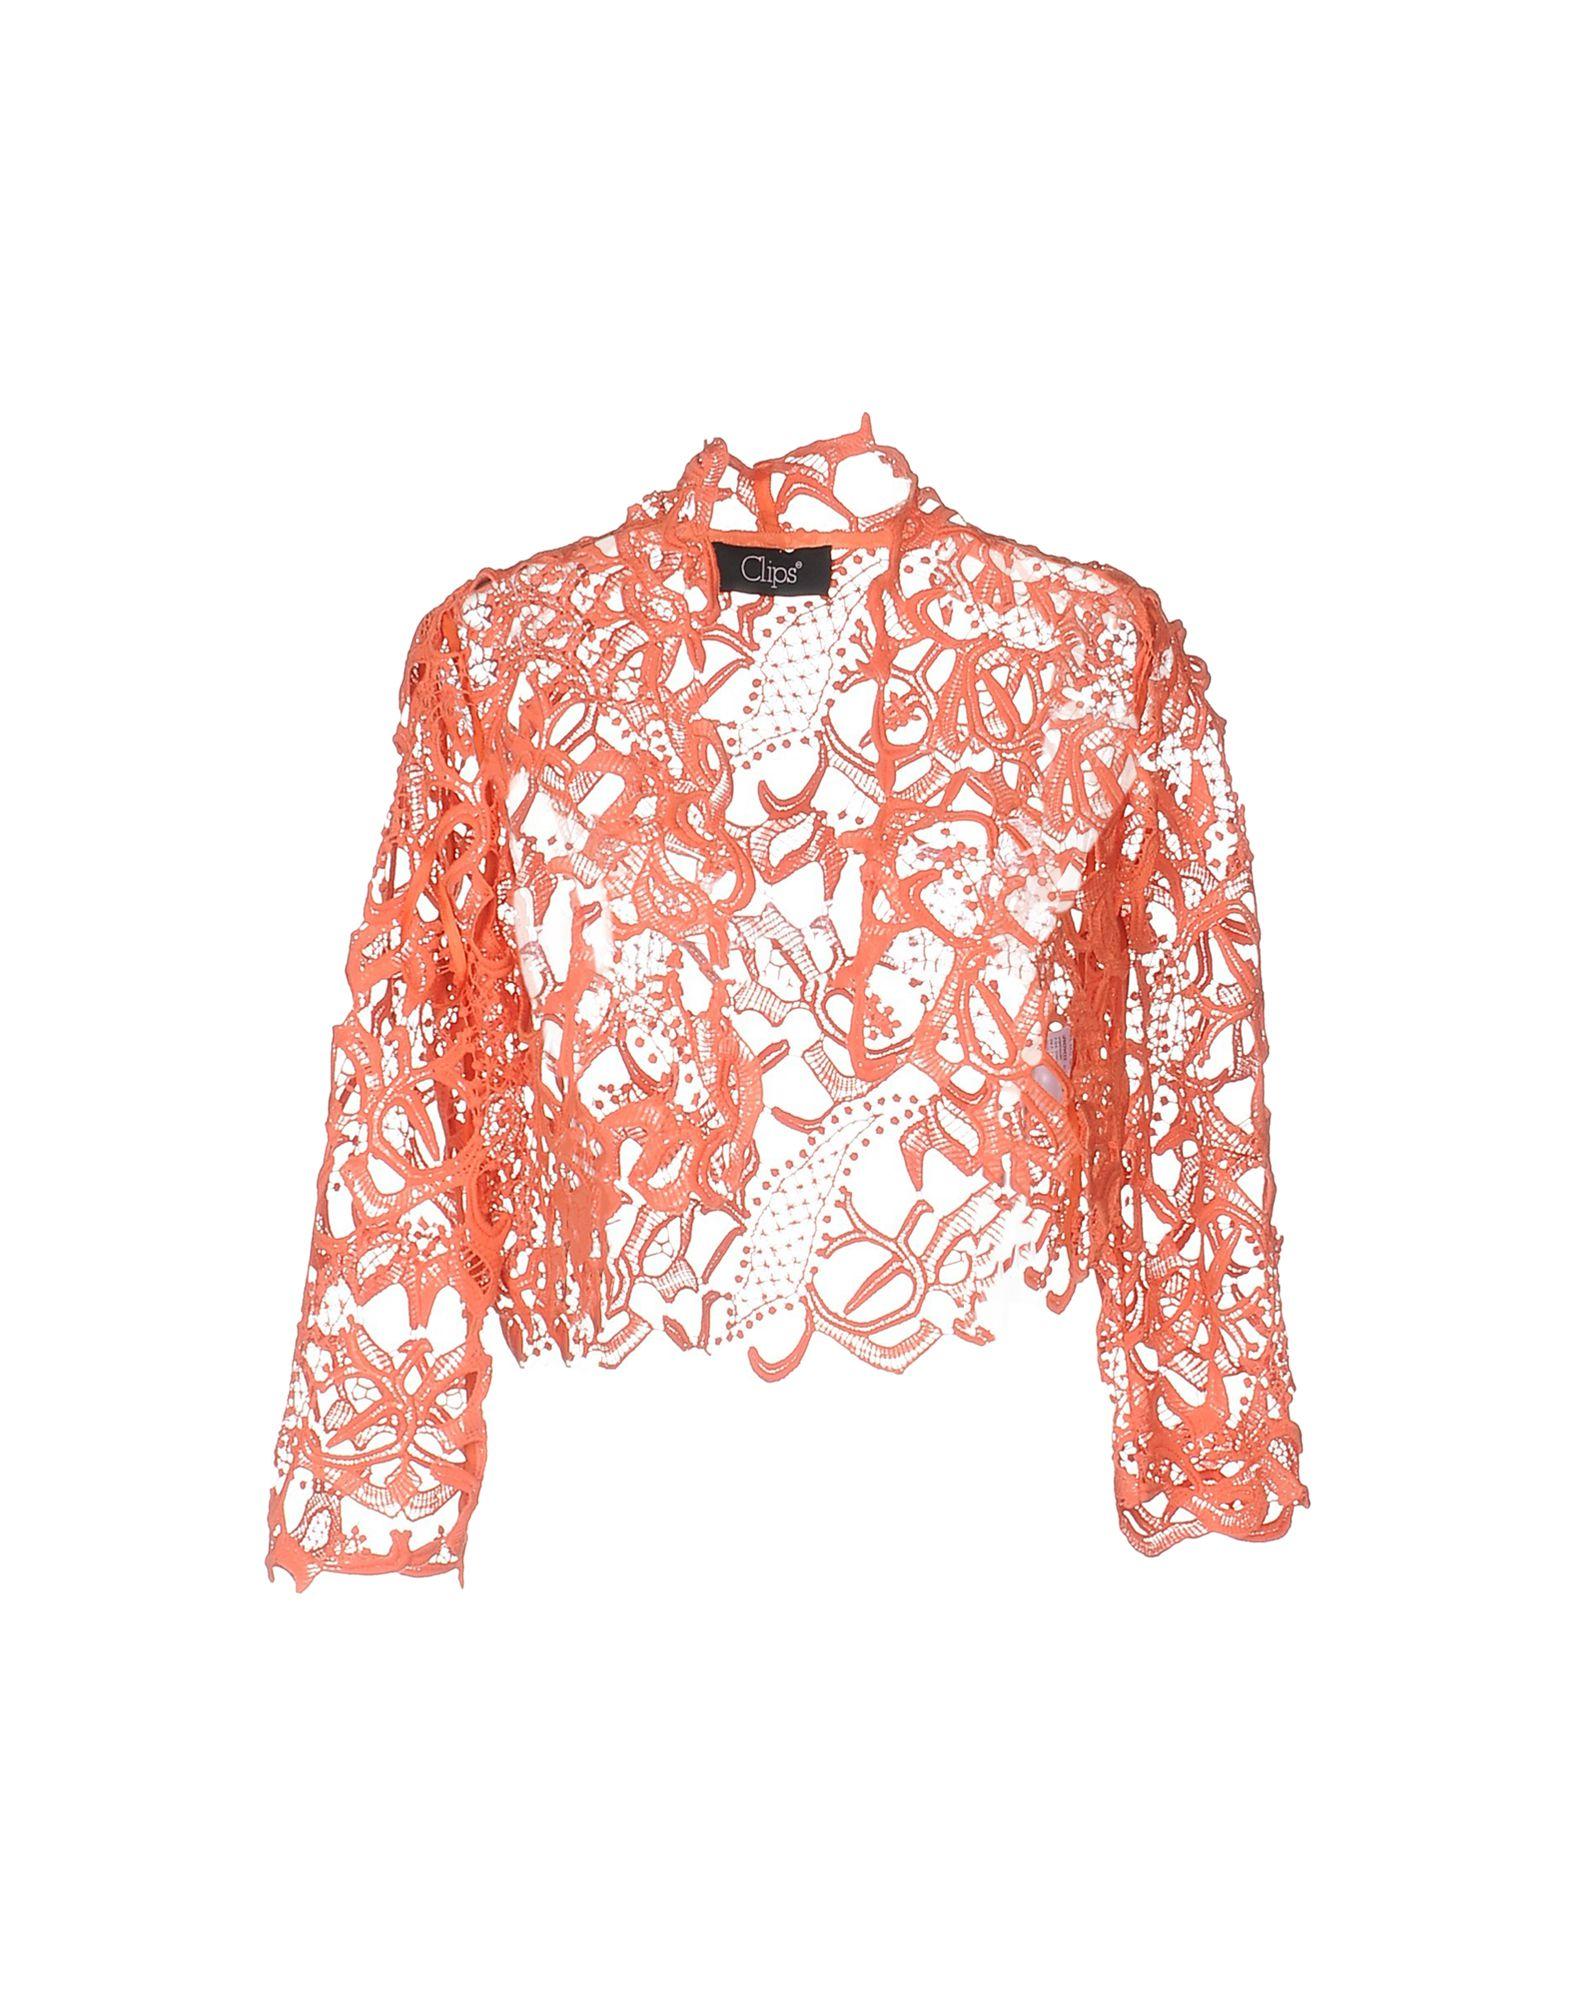 CLIPS Damen Jackett Farbe Orange Größe 8 jetztbilligerkaufen